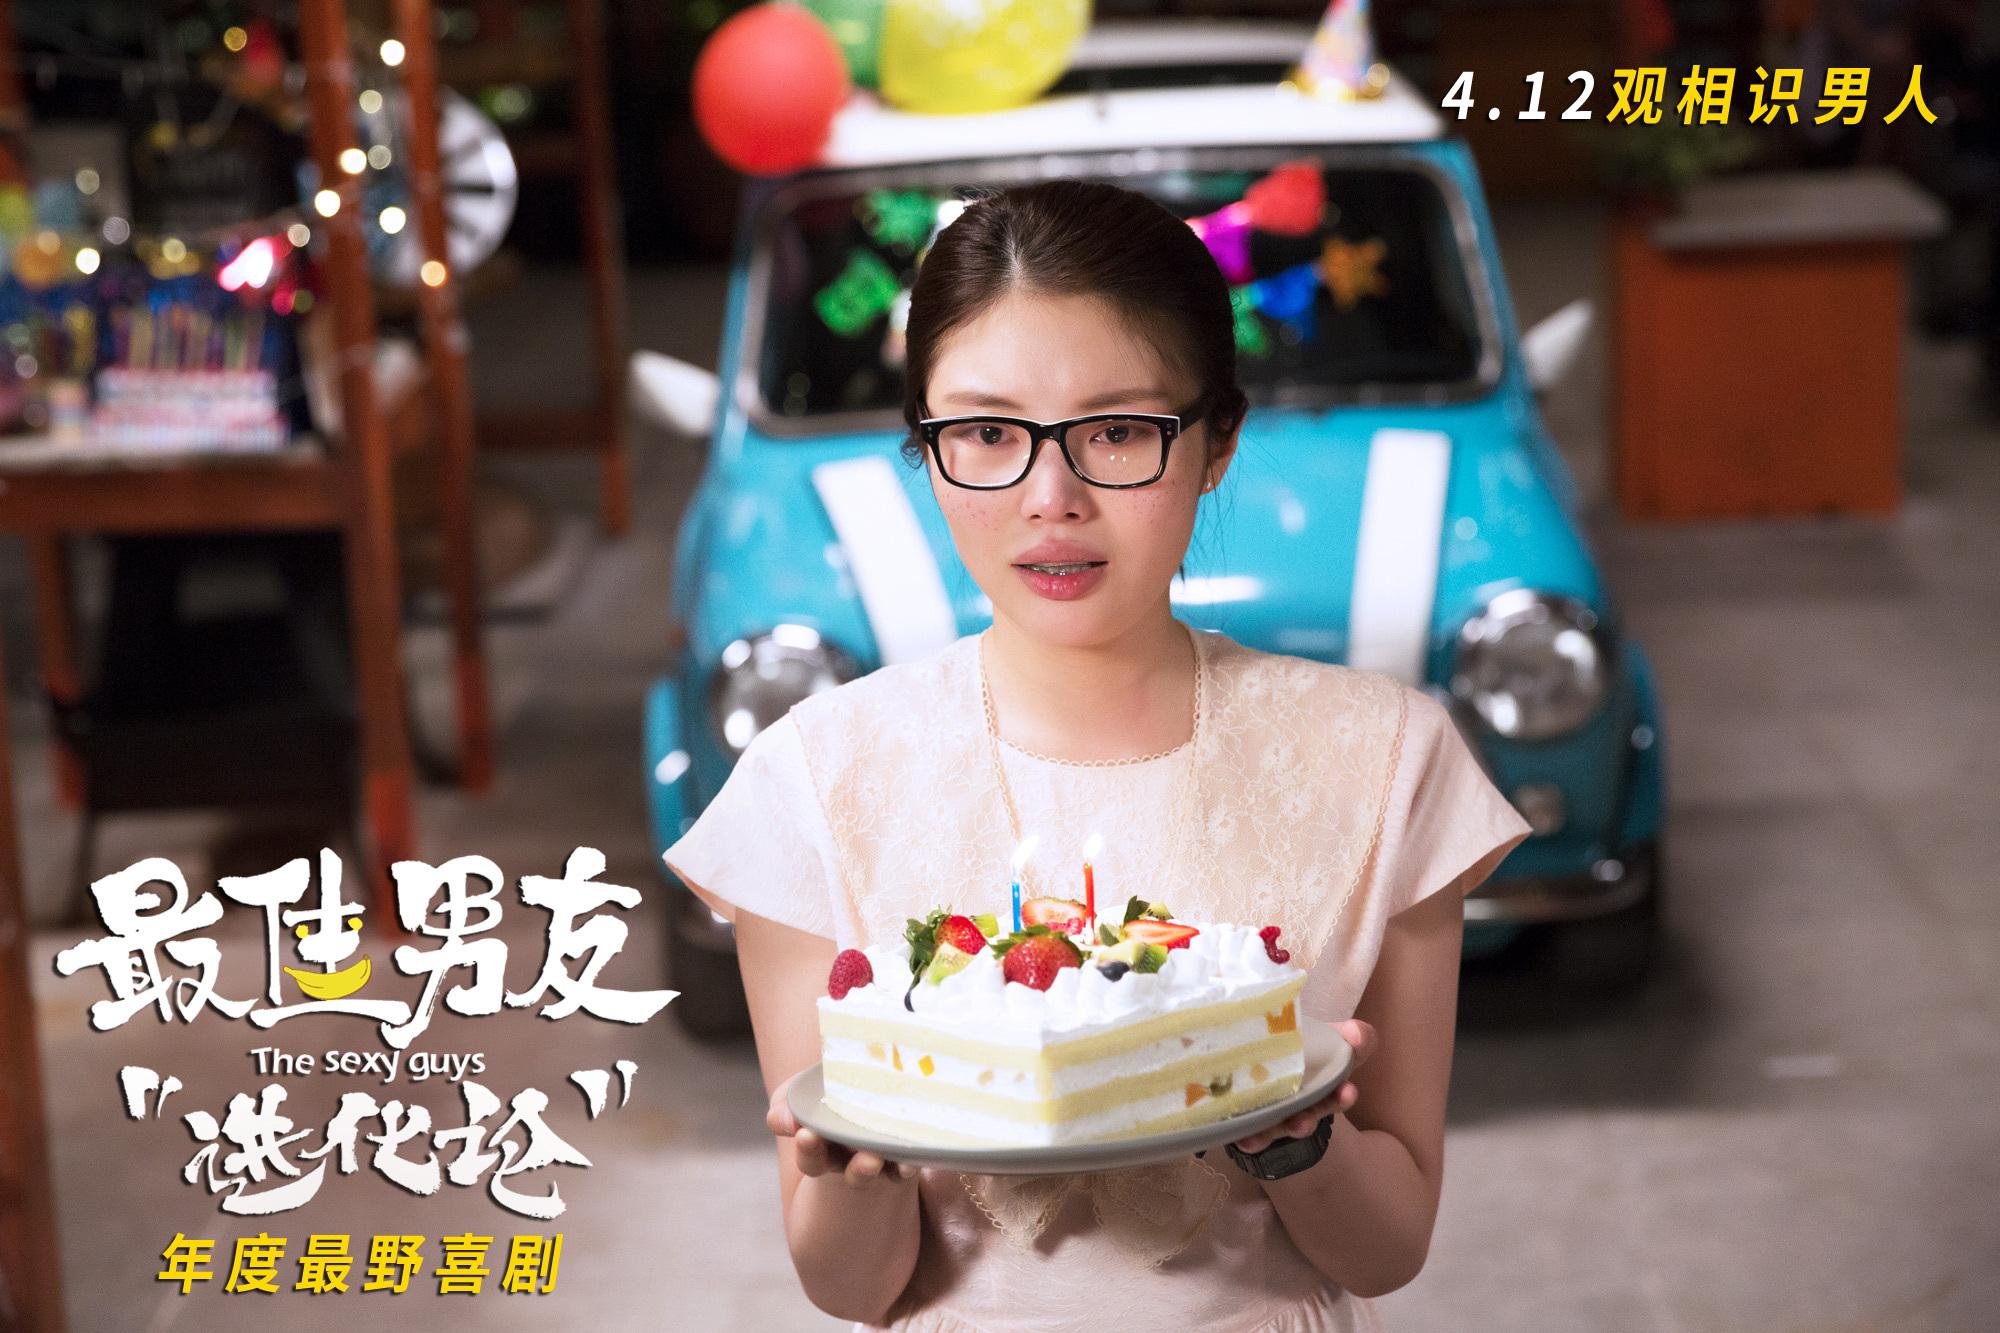 中信2娱乐新闻